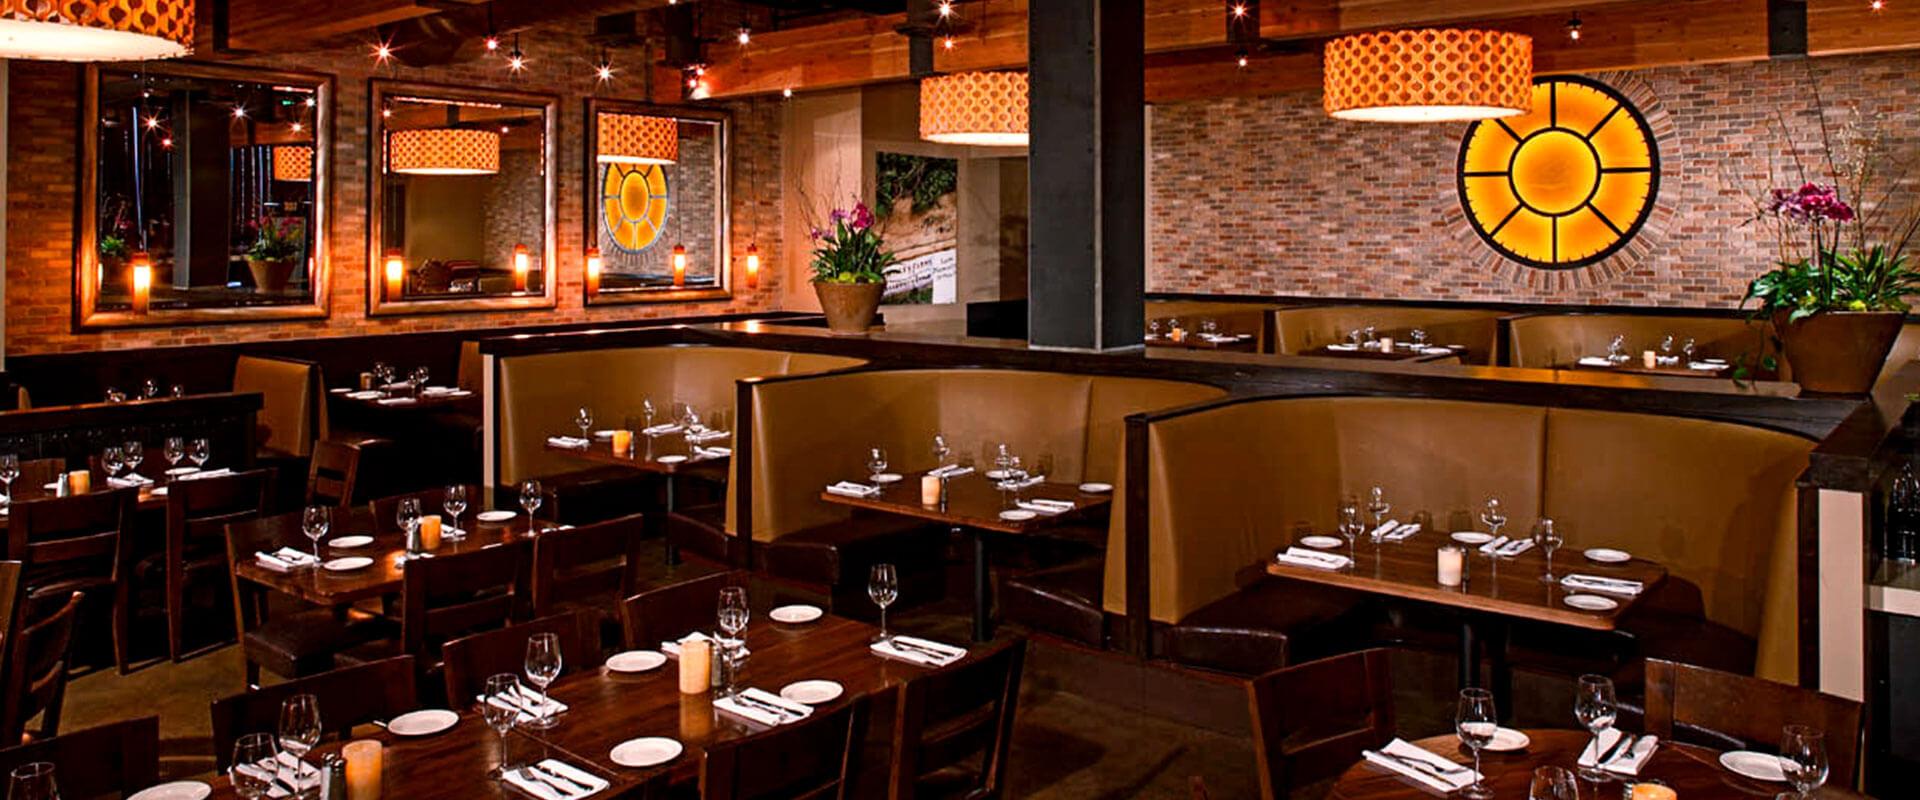 El Segundo Restaurant Paul Martin S American Grill